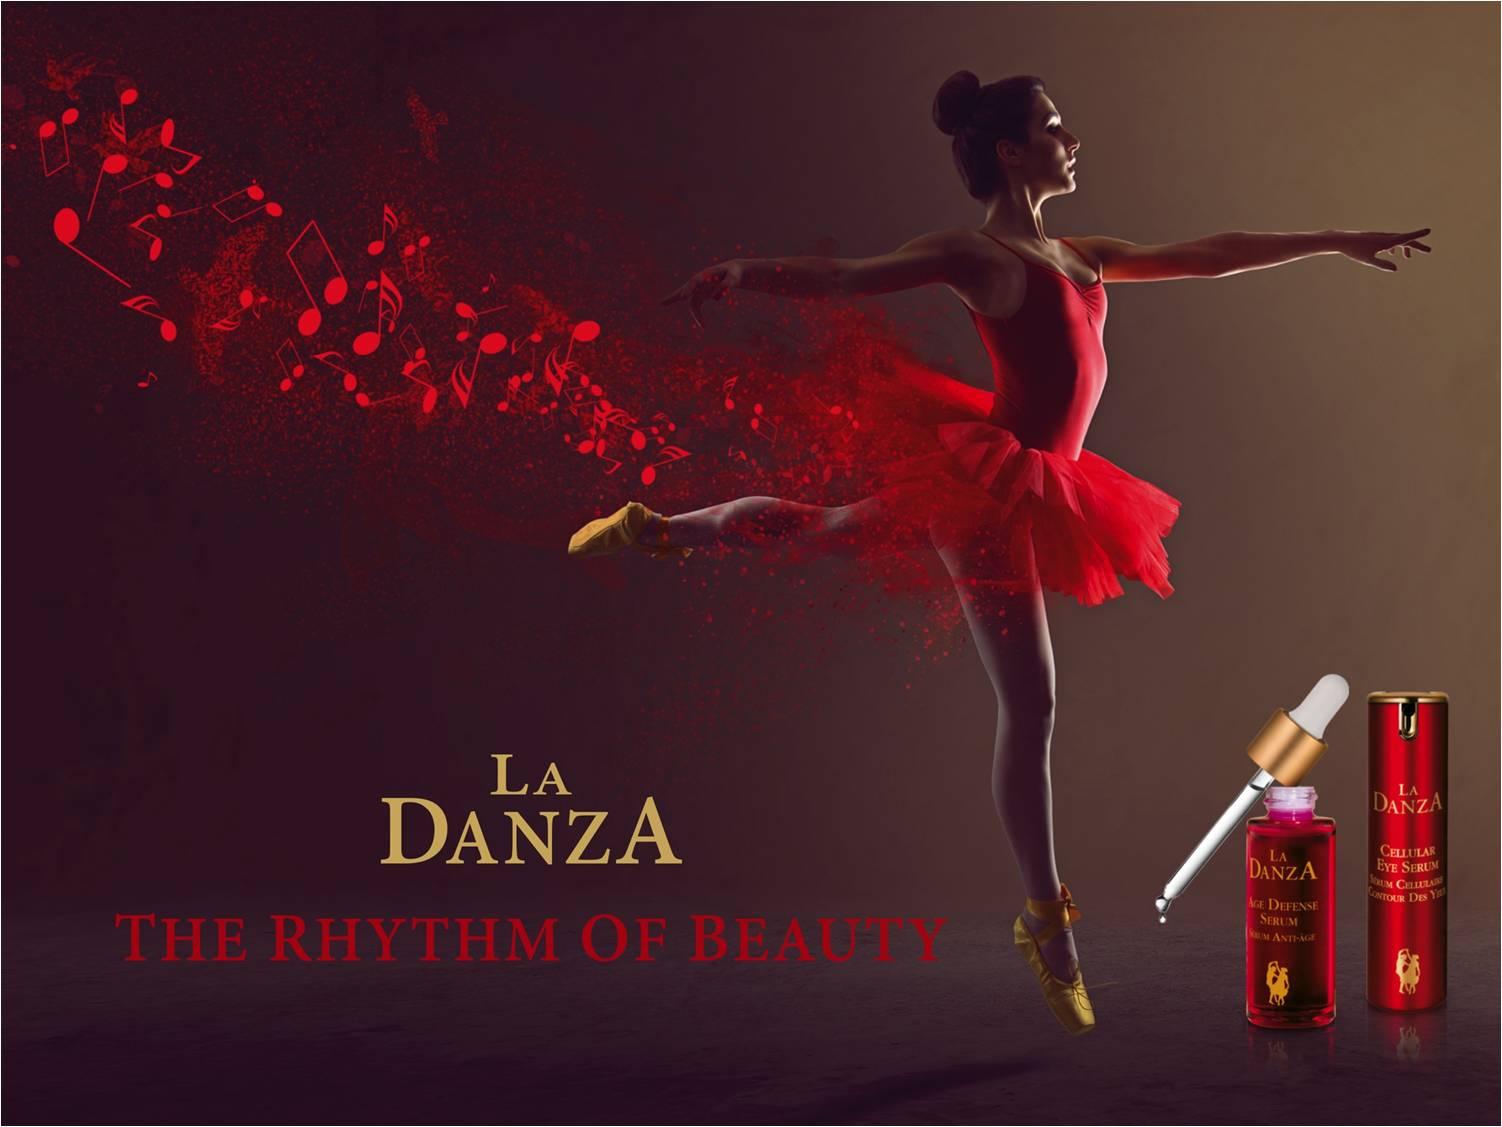 LA DANZA DANCEUSE